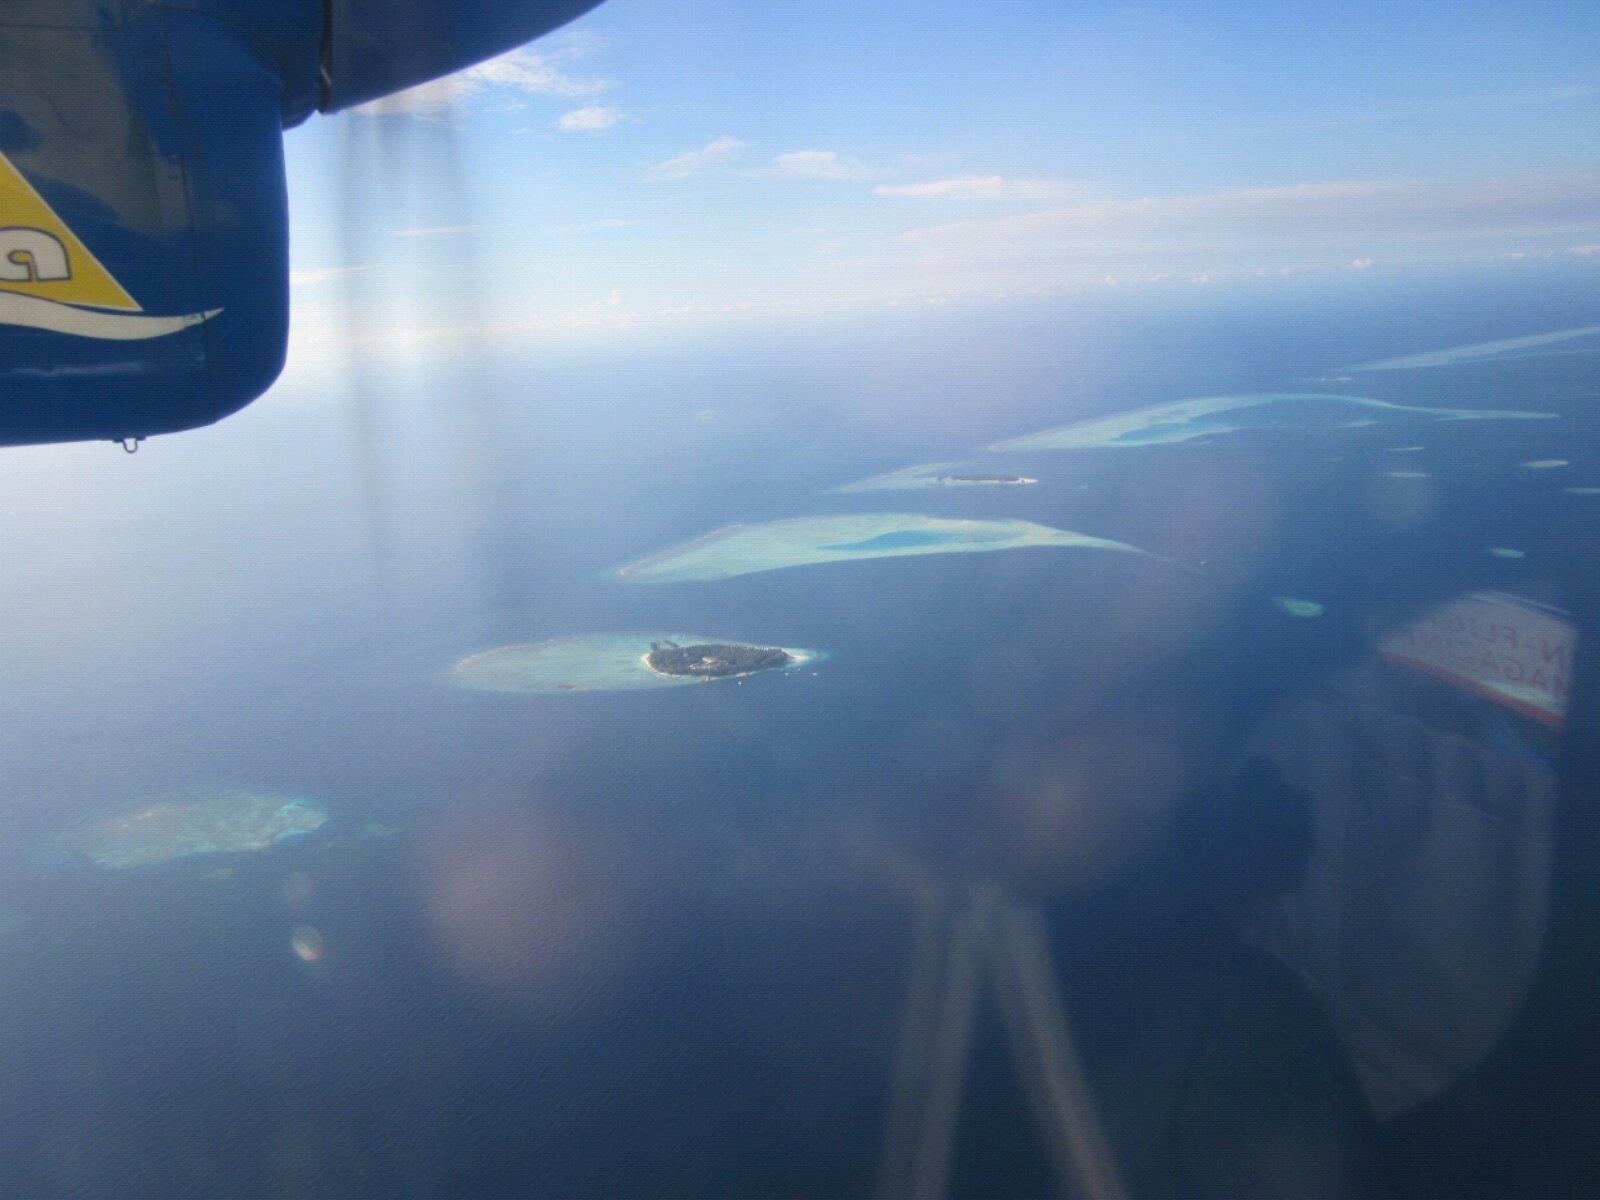 马尔代夫水上飞机航站楼